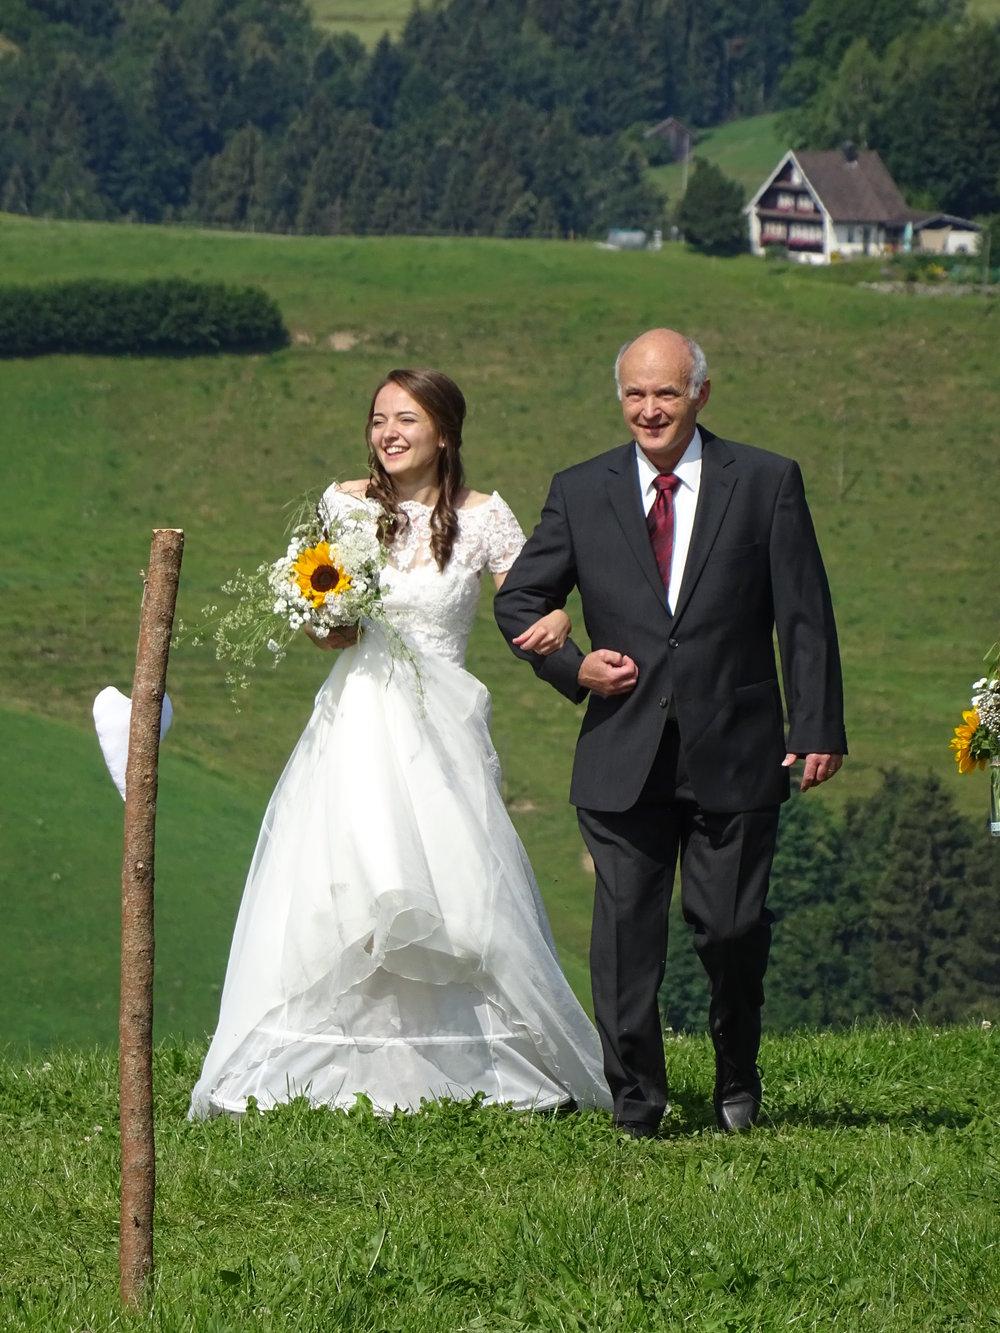 Eveline geführt durch ihren Vater zur Trauung